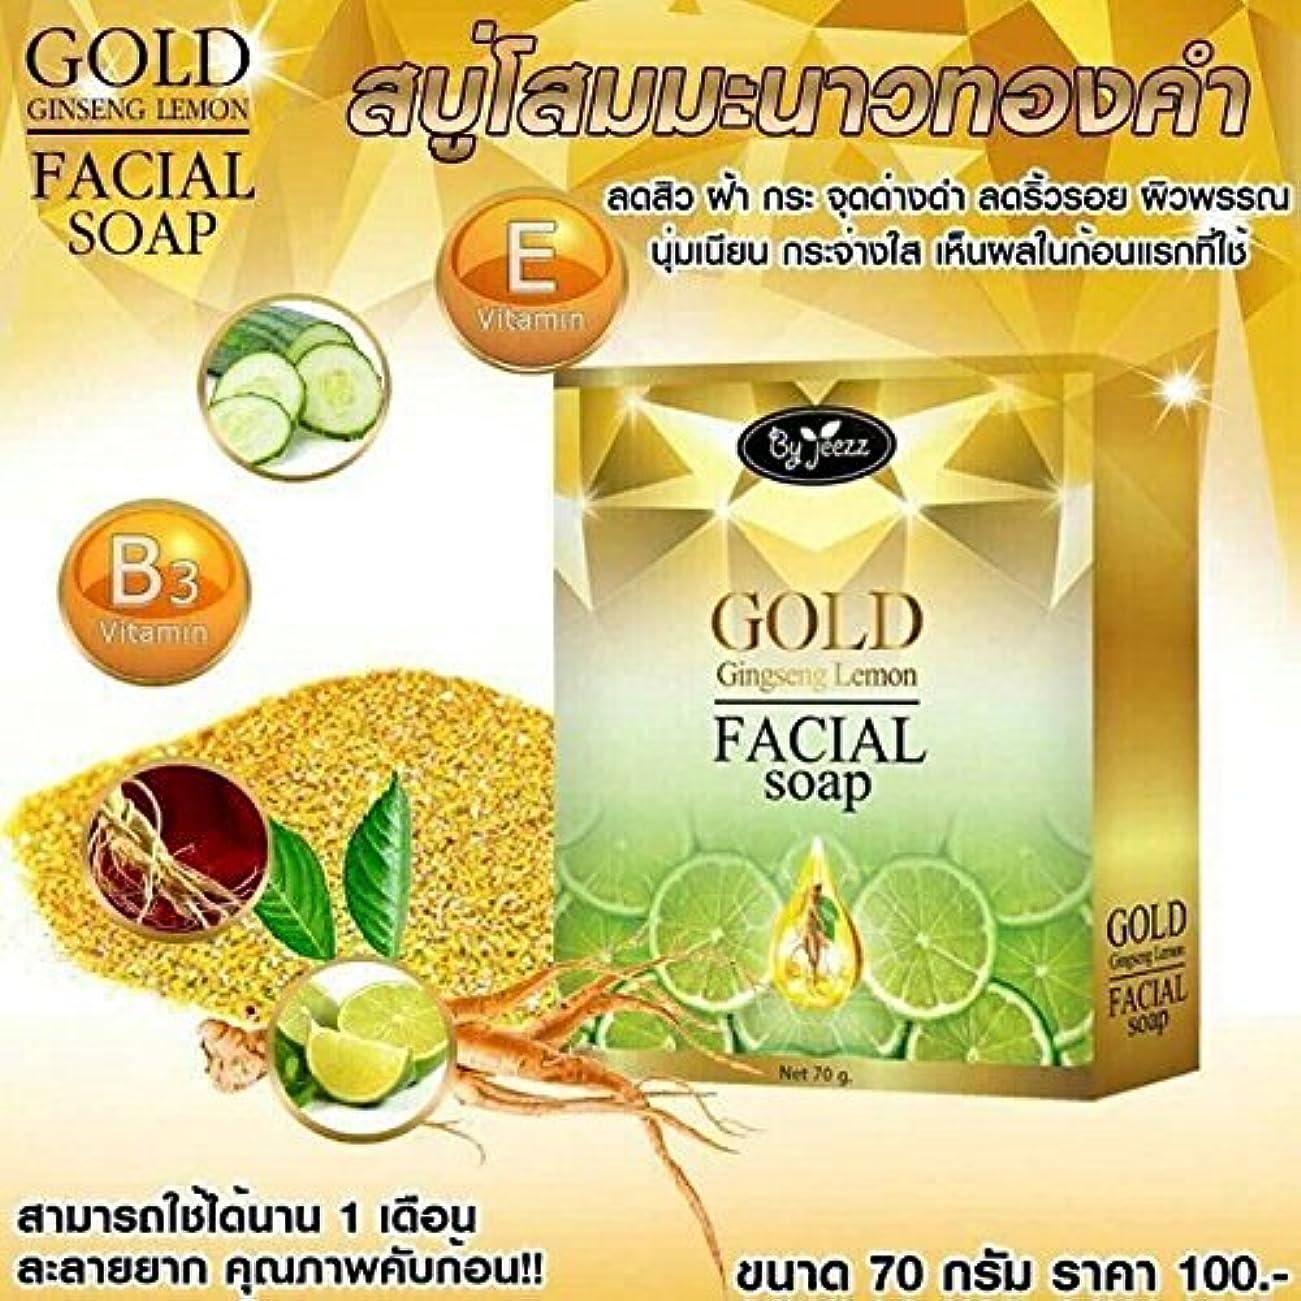 スリムオペラケイ素1 X Natural Herbal Whitening Soap. Ginseng Lemon Soap (Gold Ginseng Lemon Facial Soap by jeezz) 70 g. Free shipping